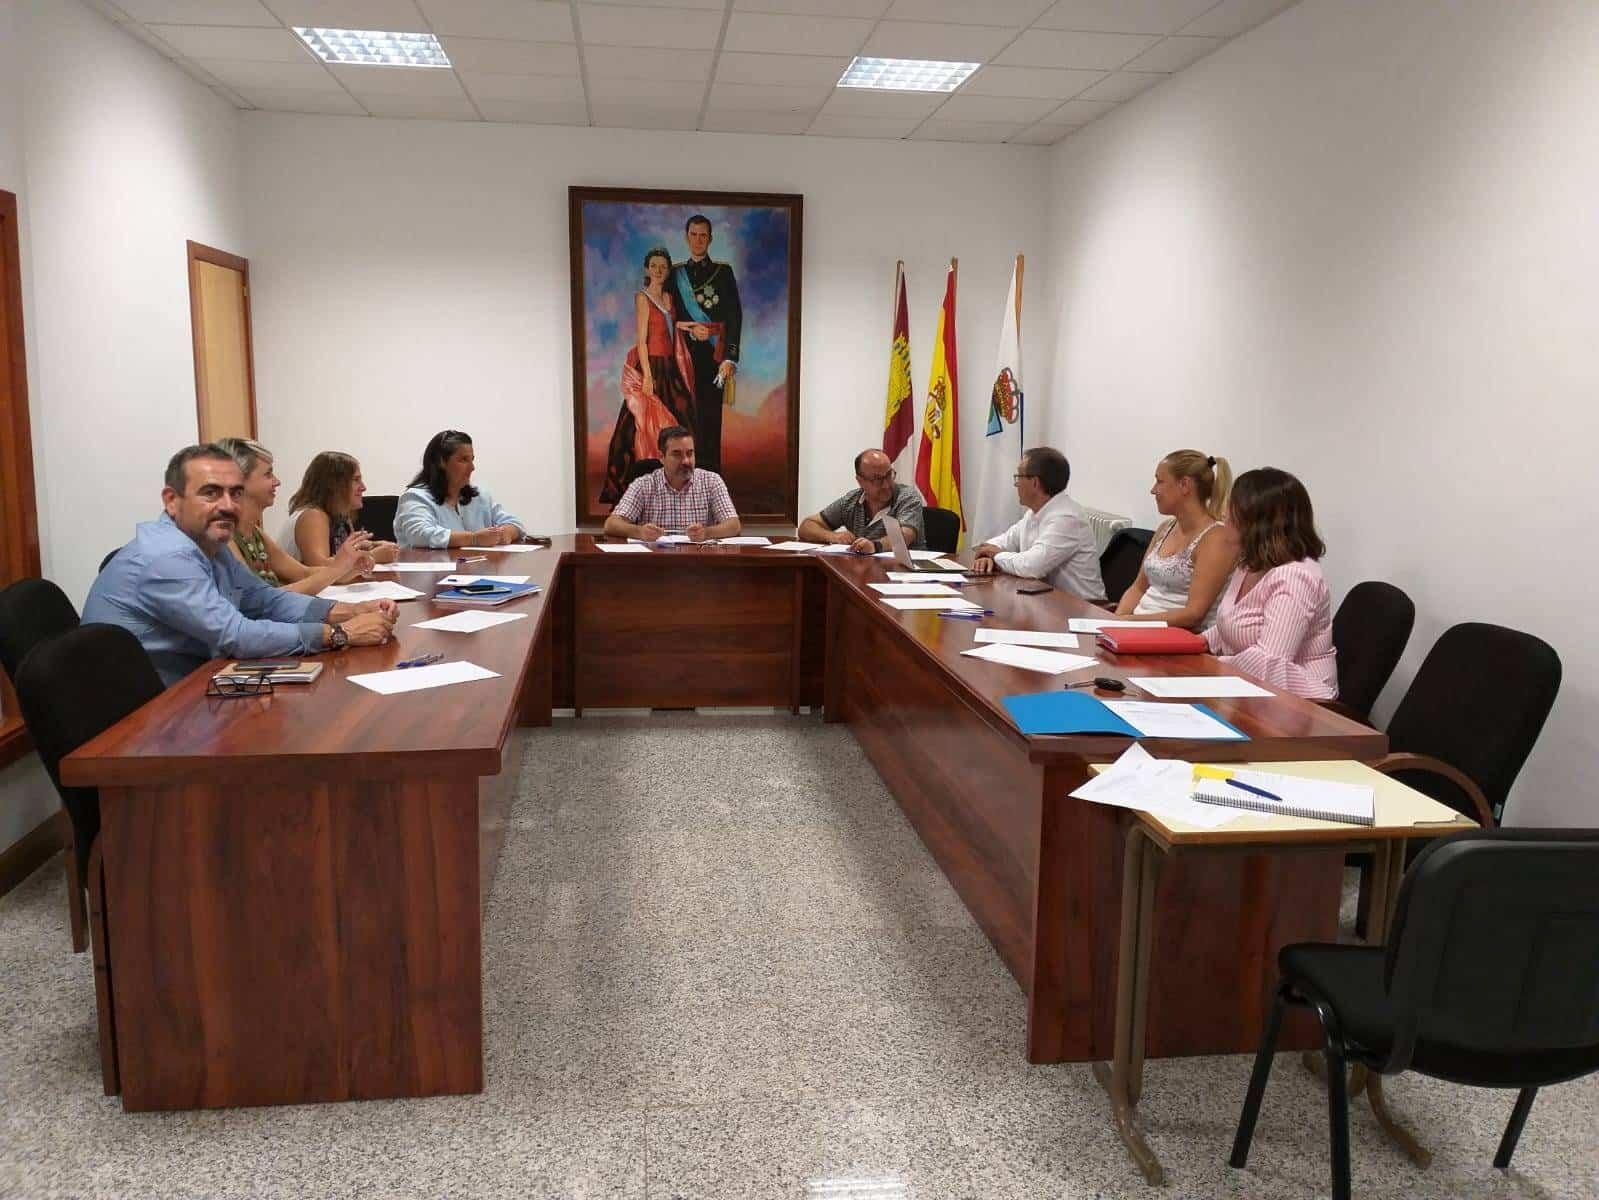 JuntaDirectivaSeptiembre mancha norte - Nuevo proyecto de Mancha Norte contra la violencia de género